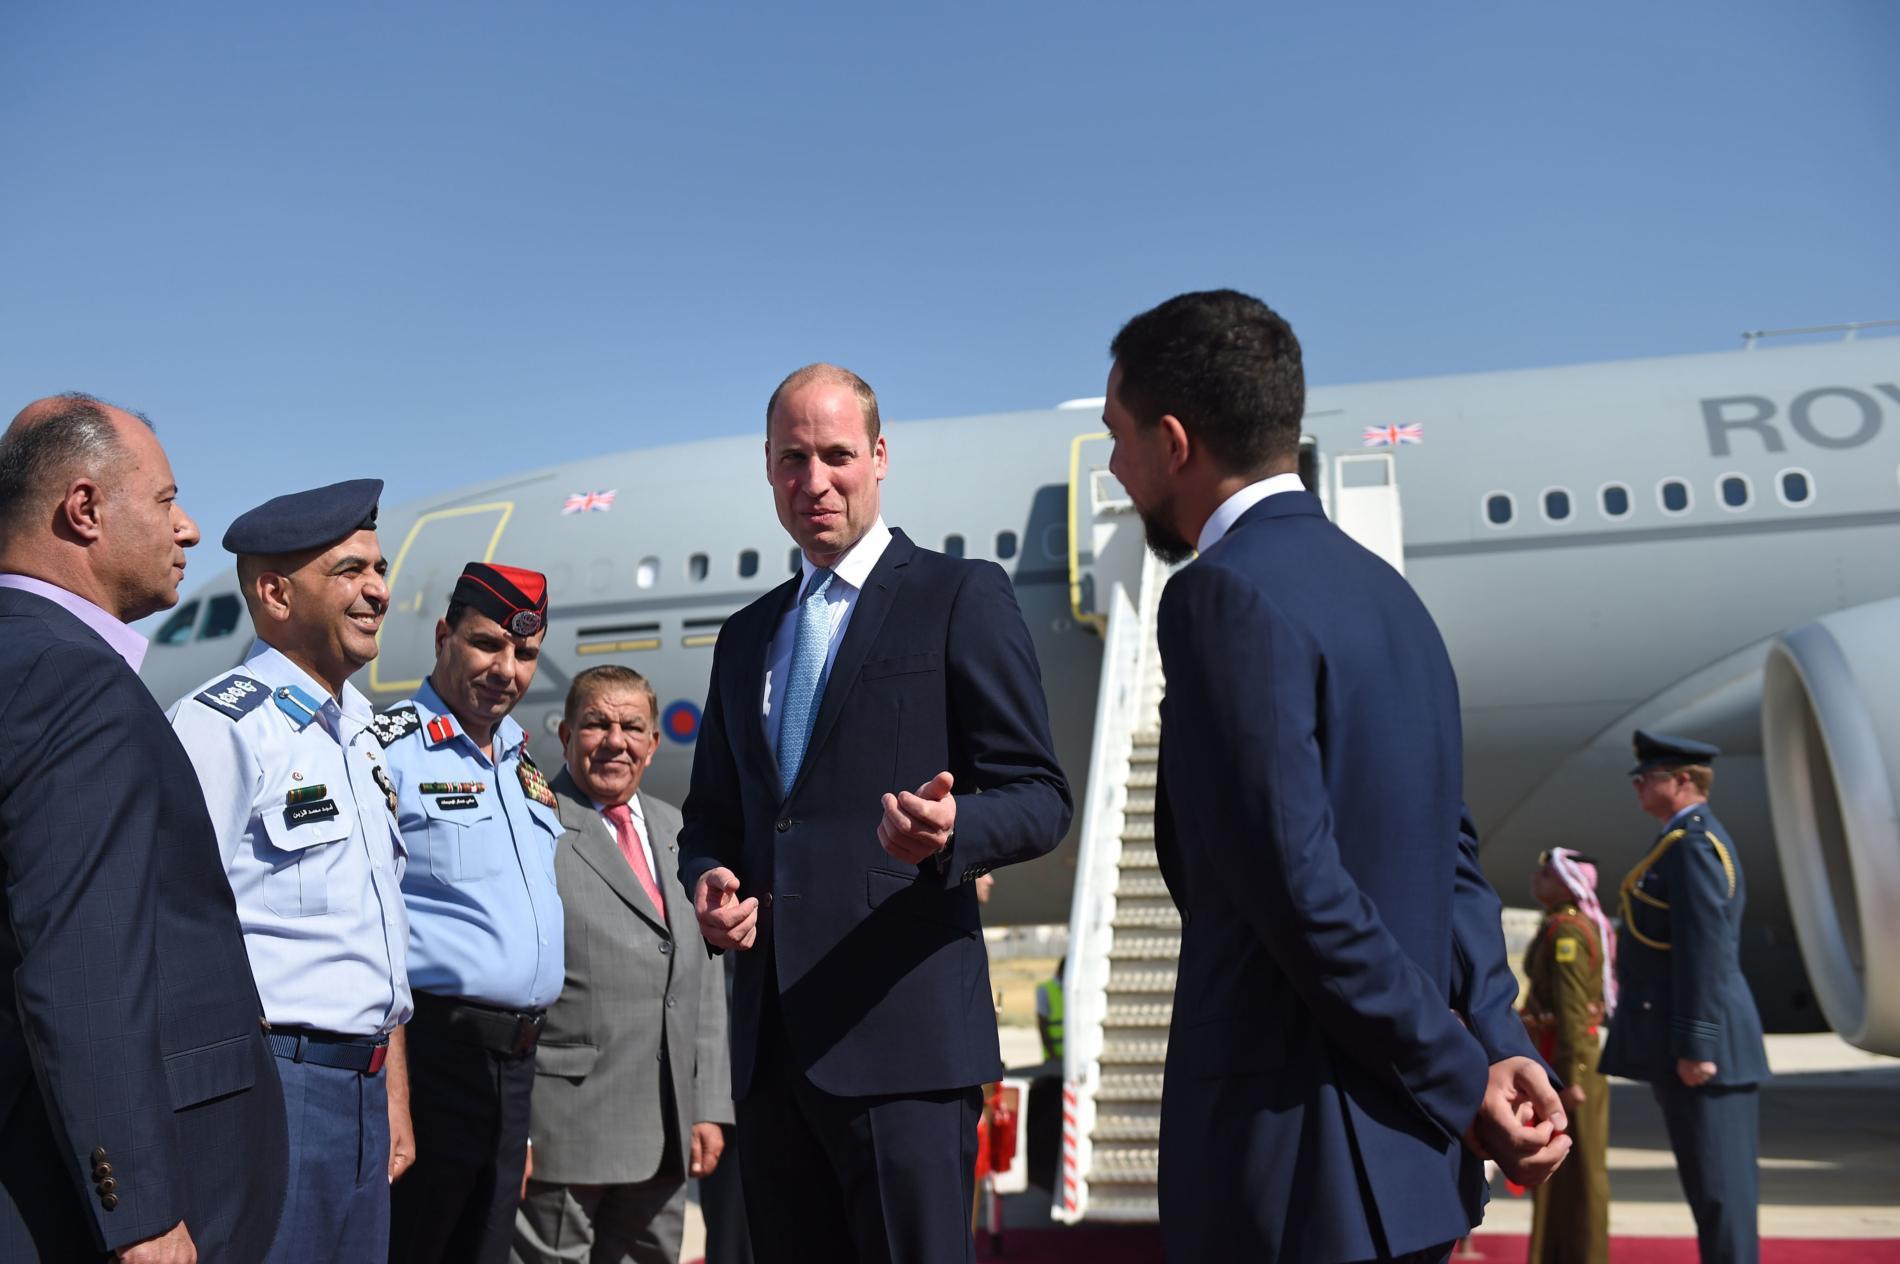 Le prince William est en Jordanie, première étape de sa tournée au Proche-Orient